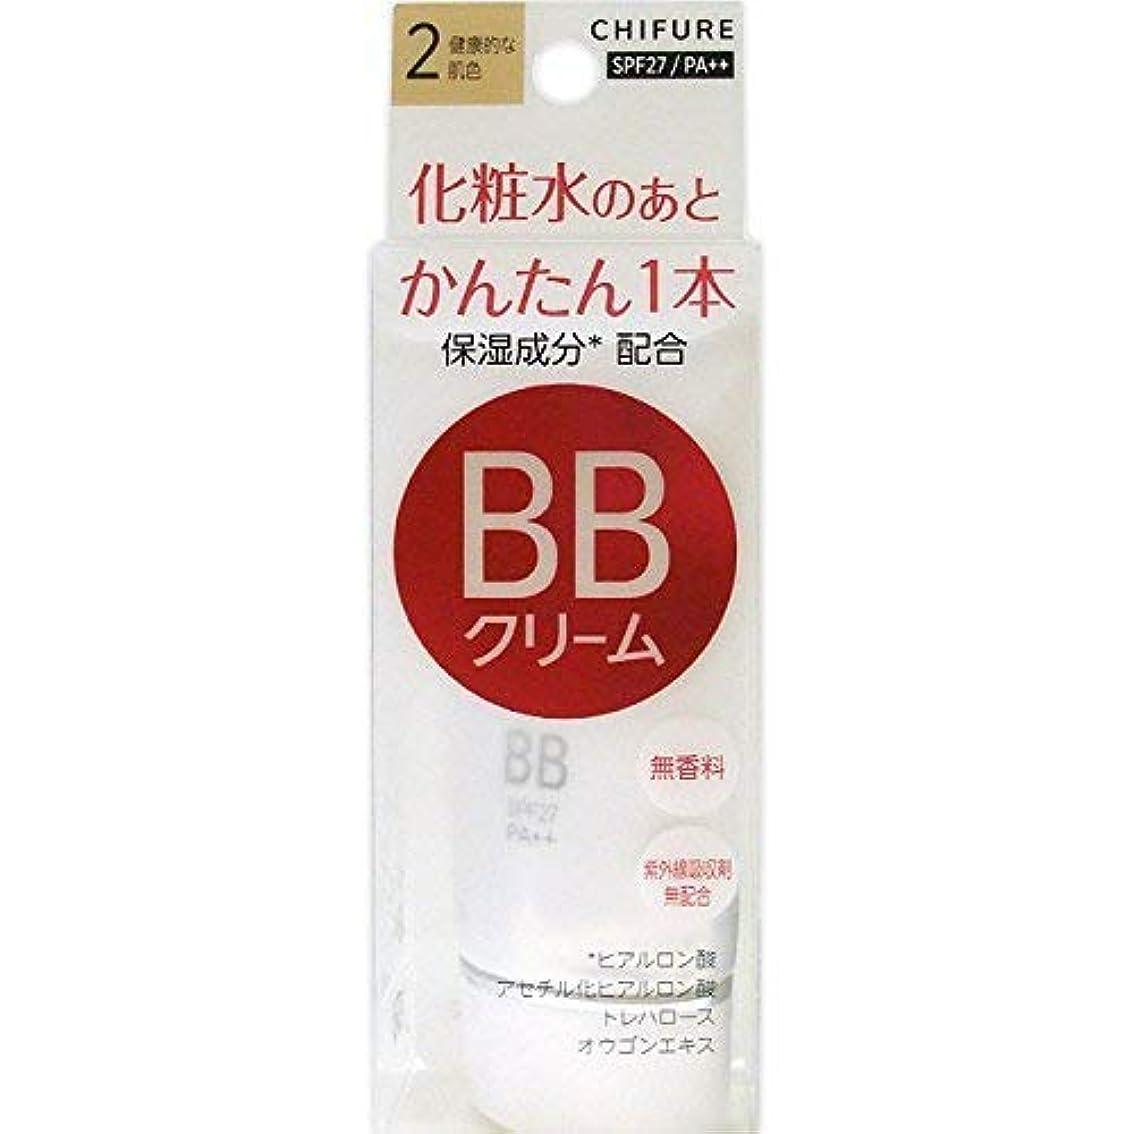 辞任主張クレアちふれ化粧品 BB クリーム 2 健康的な肌色 BBクリーム 2